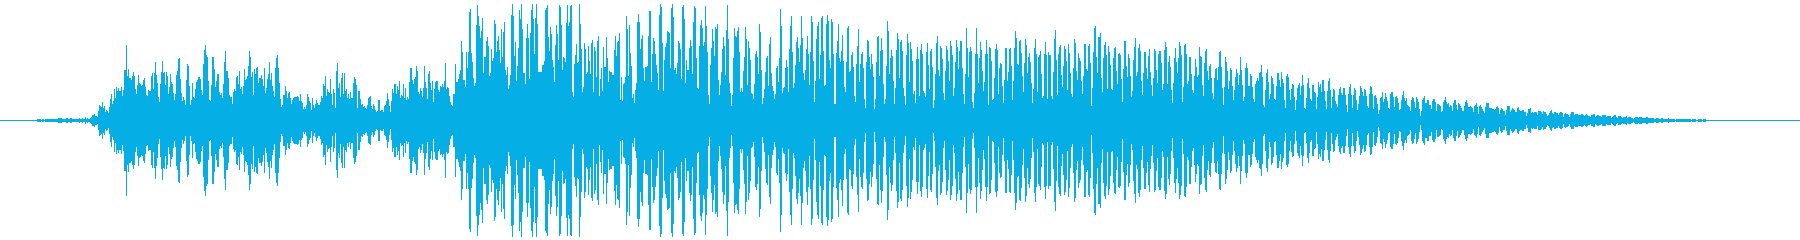 ドルルルブオーン(生録音)の再生済みの波形